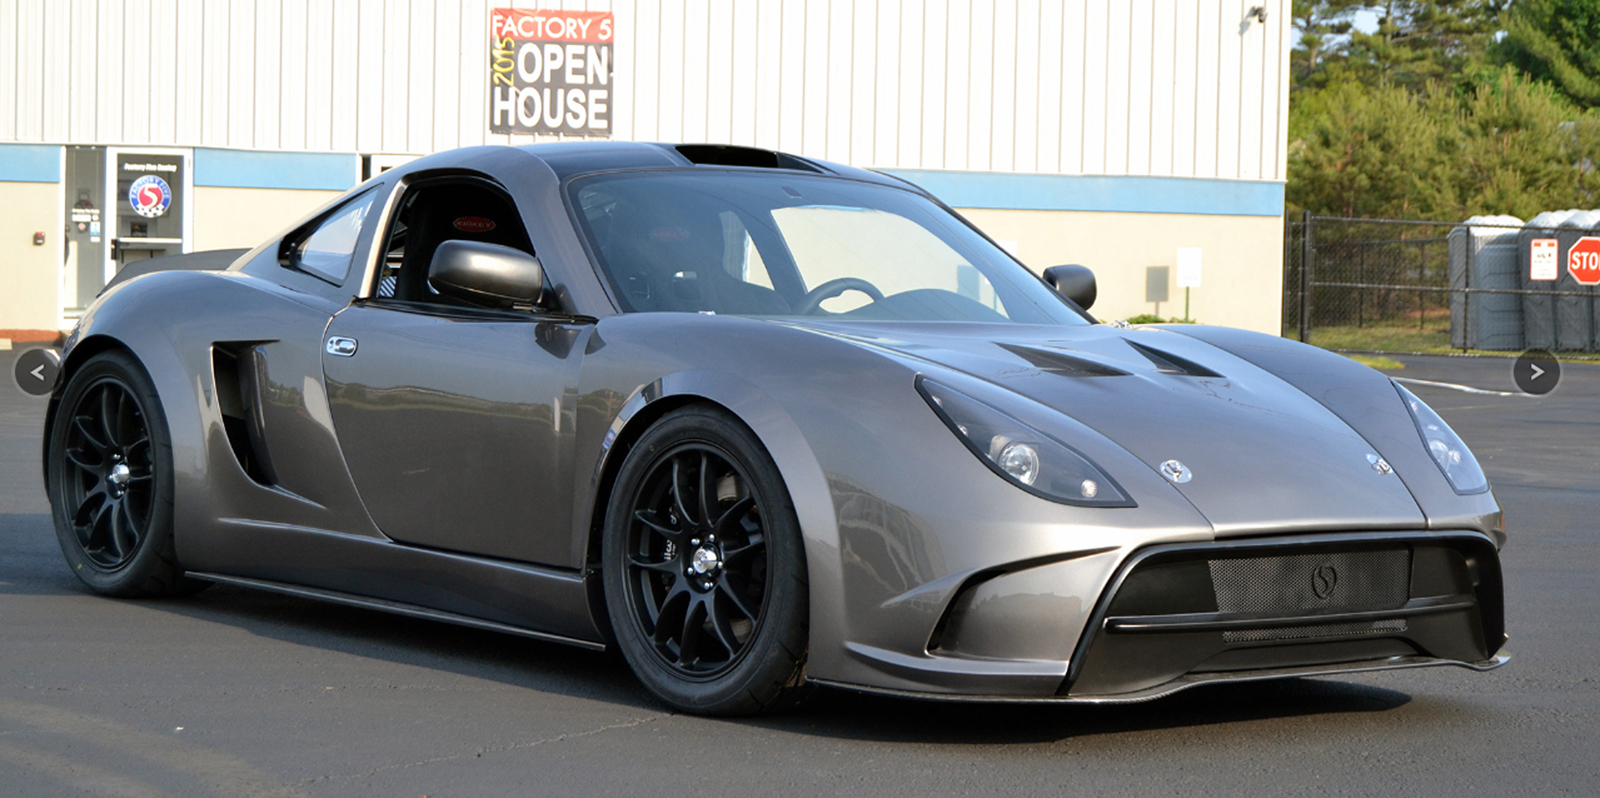 Sirus Automotive